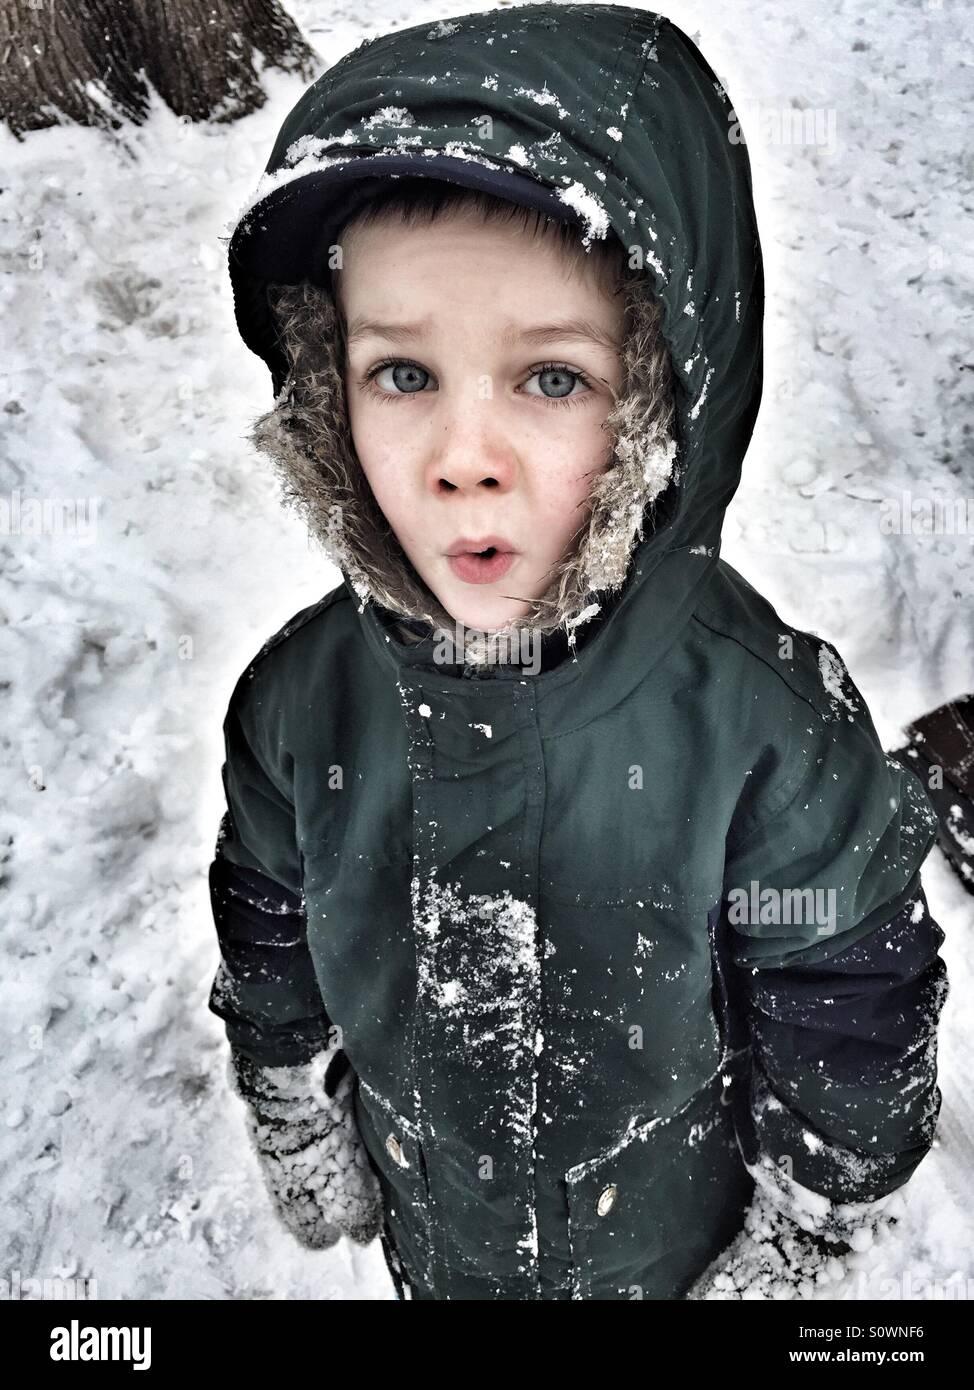 Jeune garçon dans une parka à l'extérieur dans la neige en hiver Photo Stock